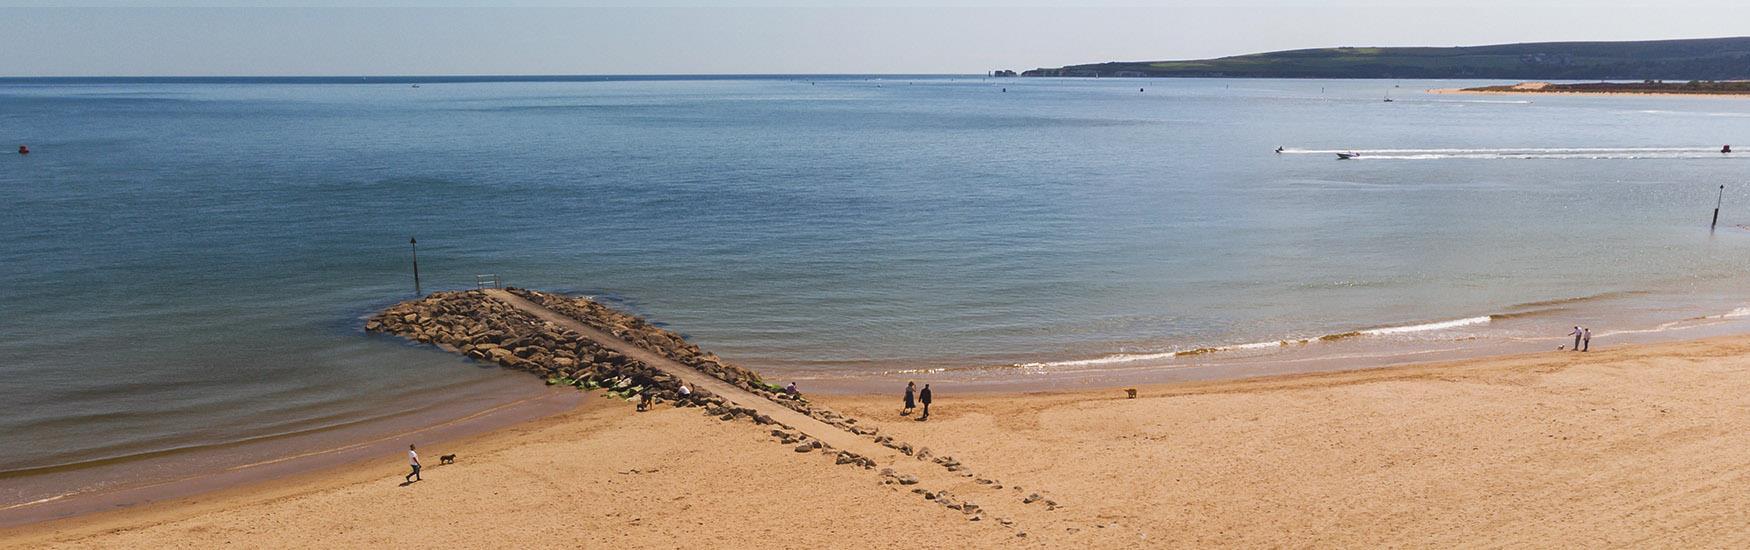 Beautiful sandy beach with a beach groyne extending into the blue sea.